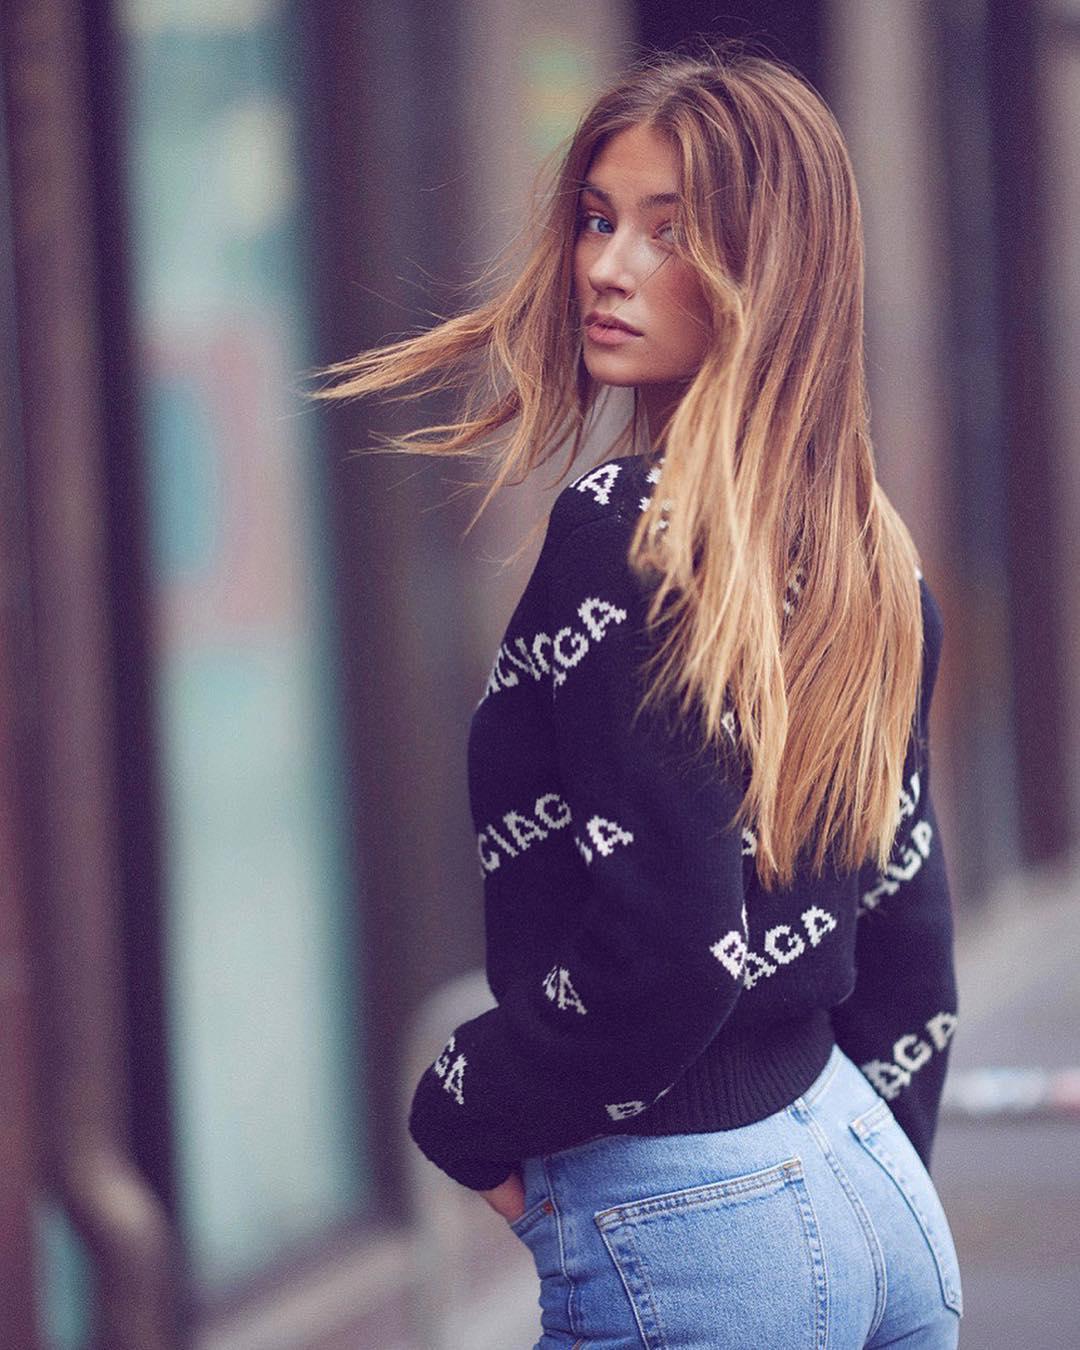 Lorena-Rae-Wallpapers-Insta-FIt-BIo-8